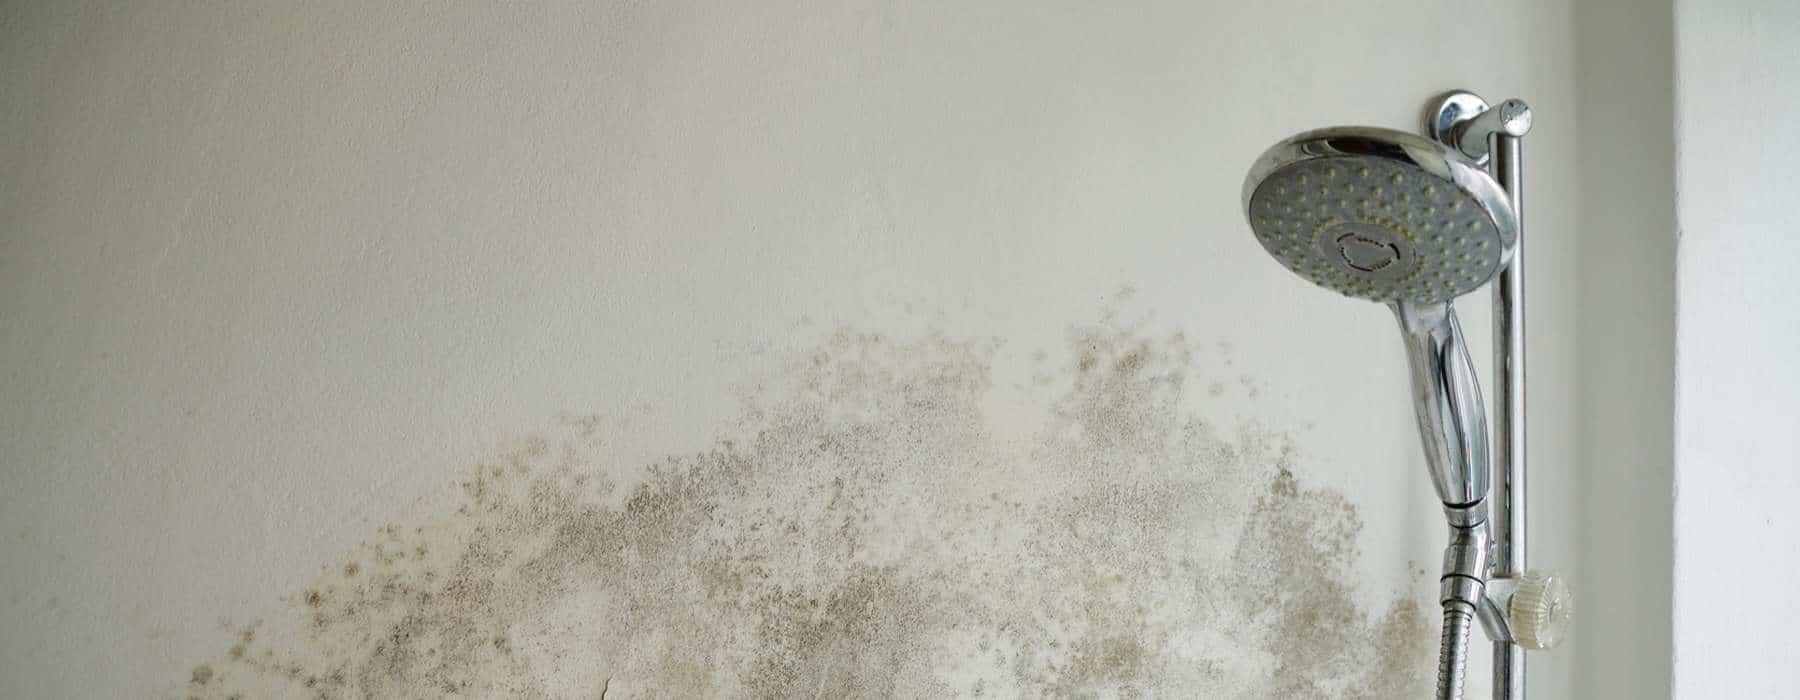 Enlever la moisissure dans une salle de bain mode d emploi - Enlever moisissure salle de bain bicarbonate ...